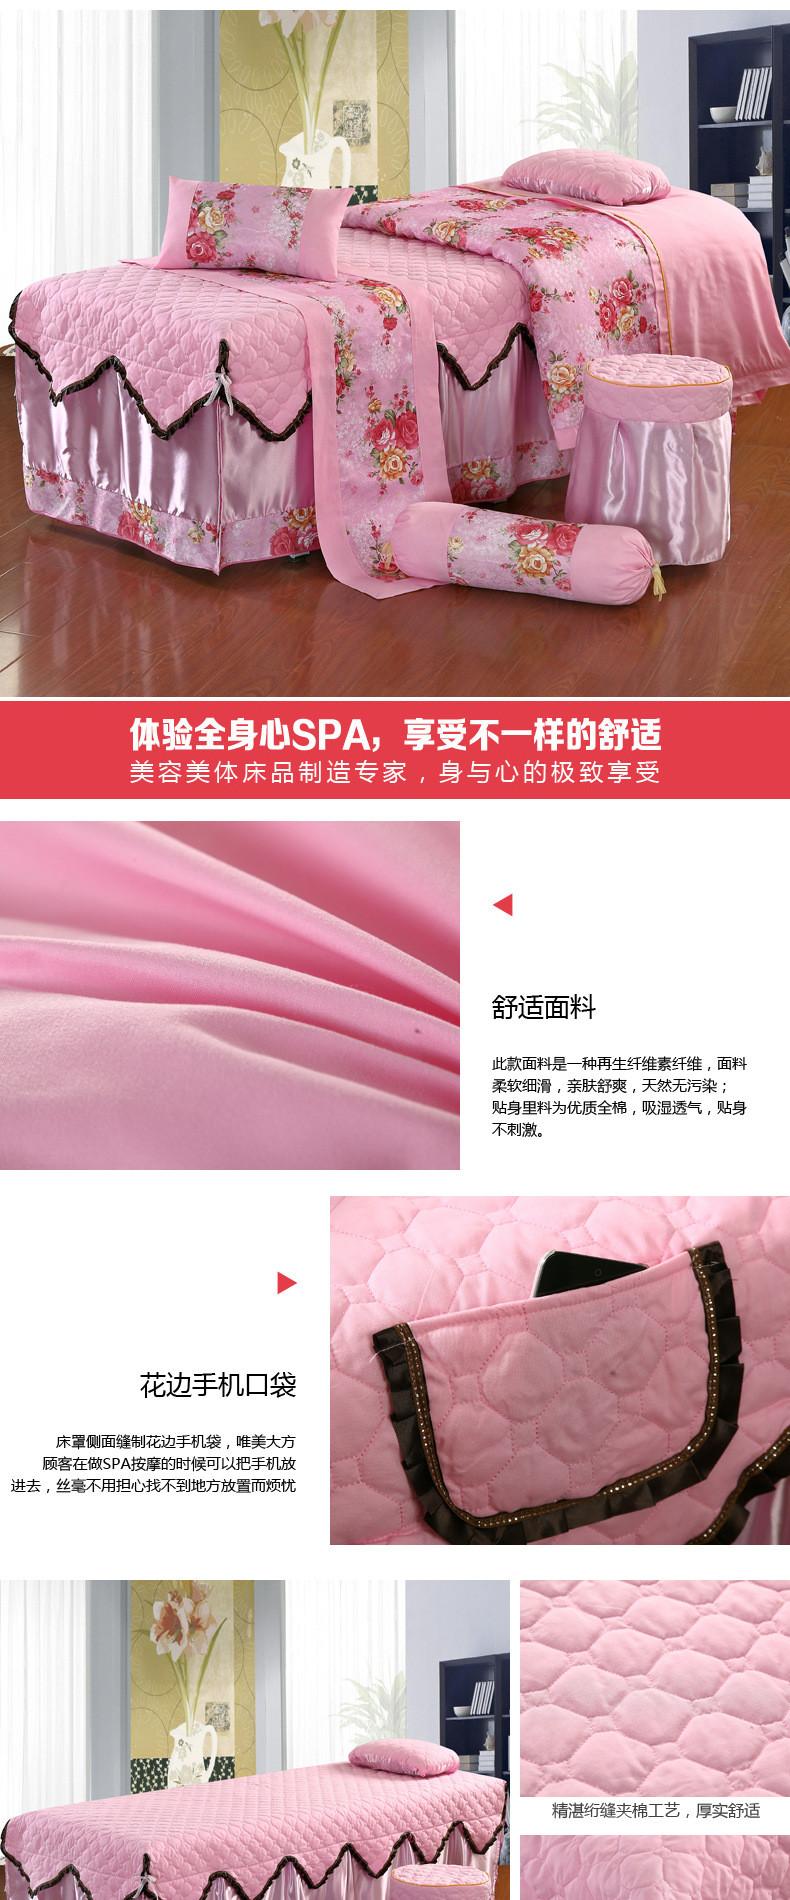 新款包邮高档亲柔棉美容床罩美容美体按摩理疗SPA洗头床罩可定做示例图28